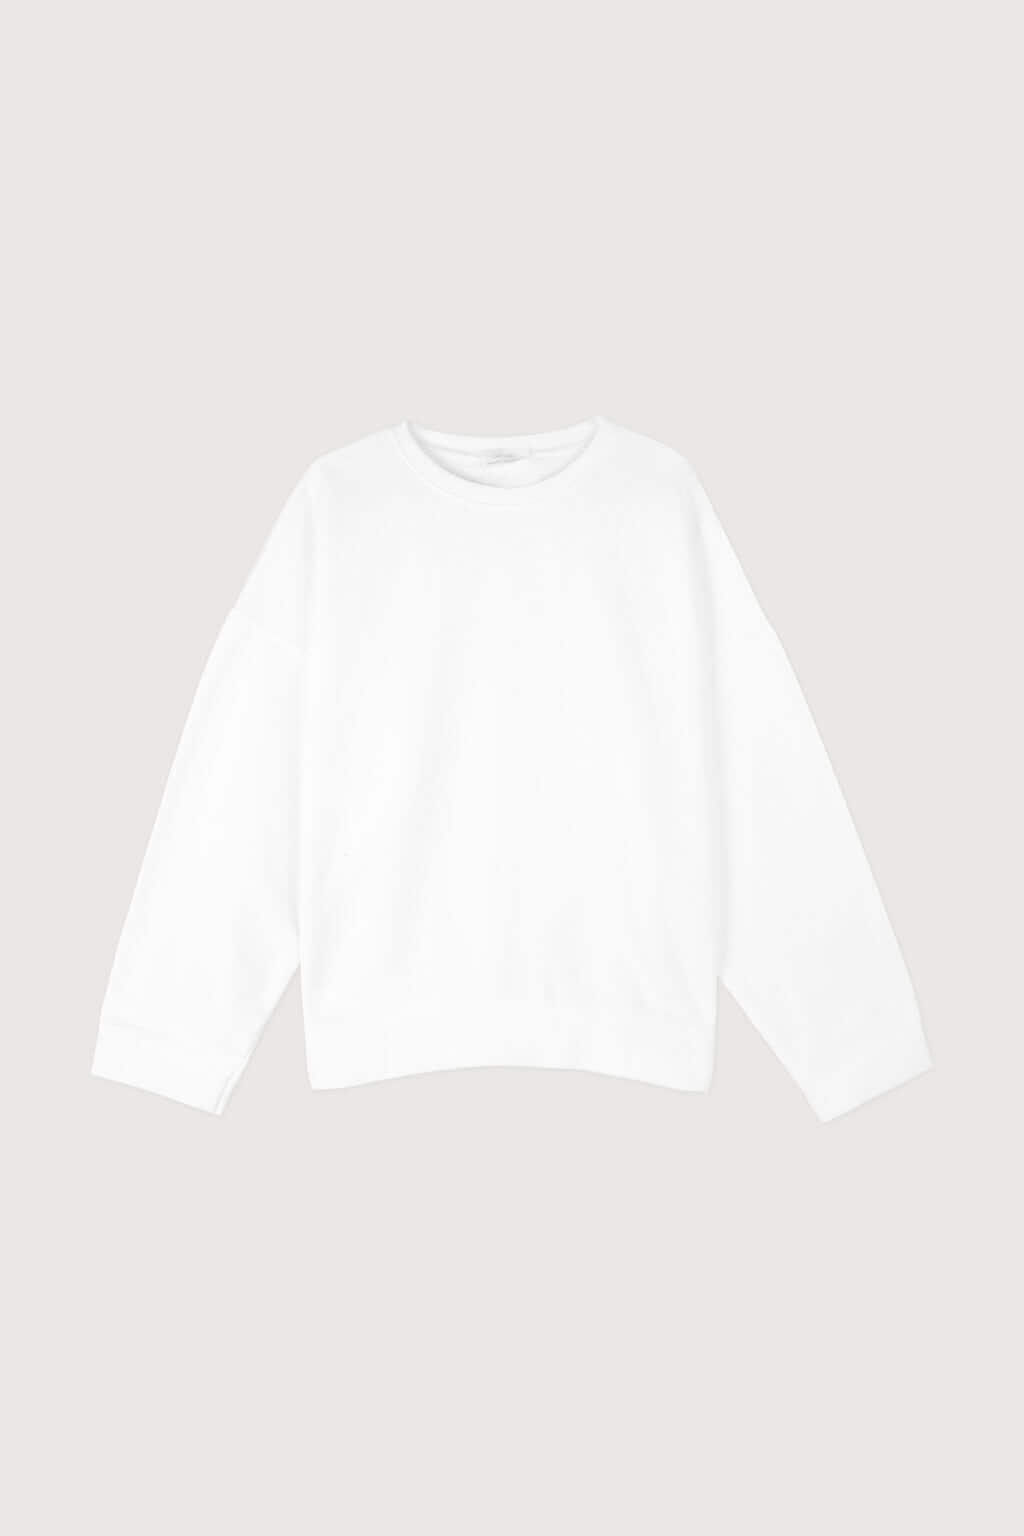 Sweatshirt K147 White 7